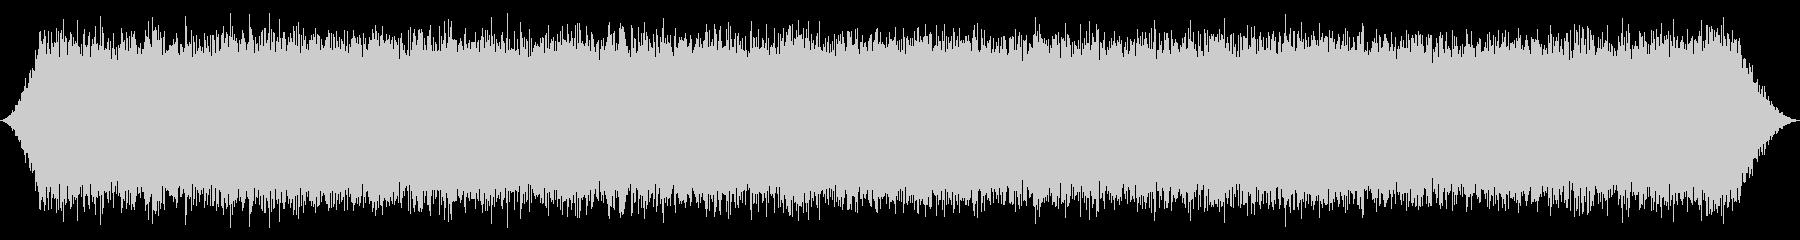 リバーラピッズ:ヘビーラピッドロア...の未再生の波形